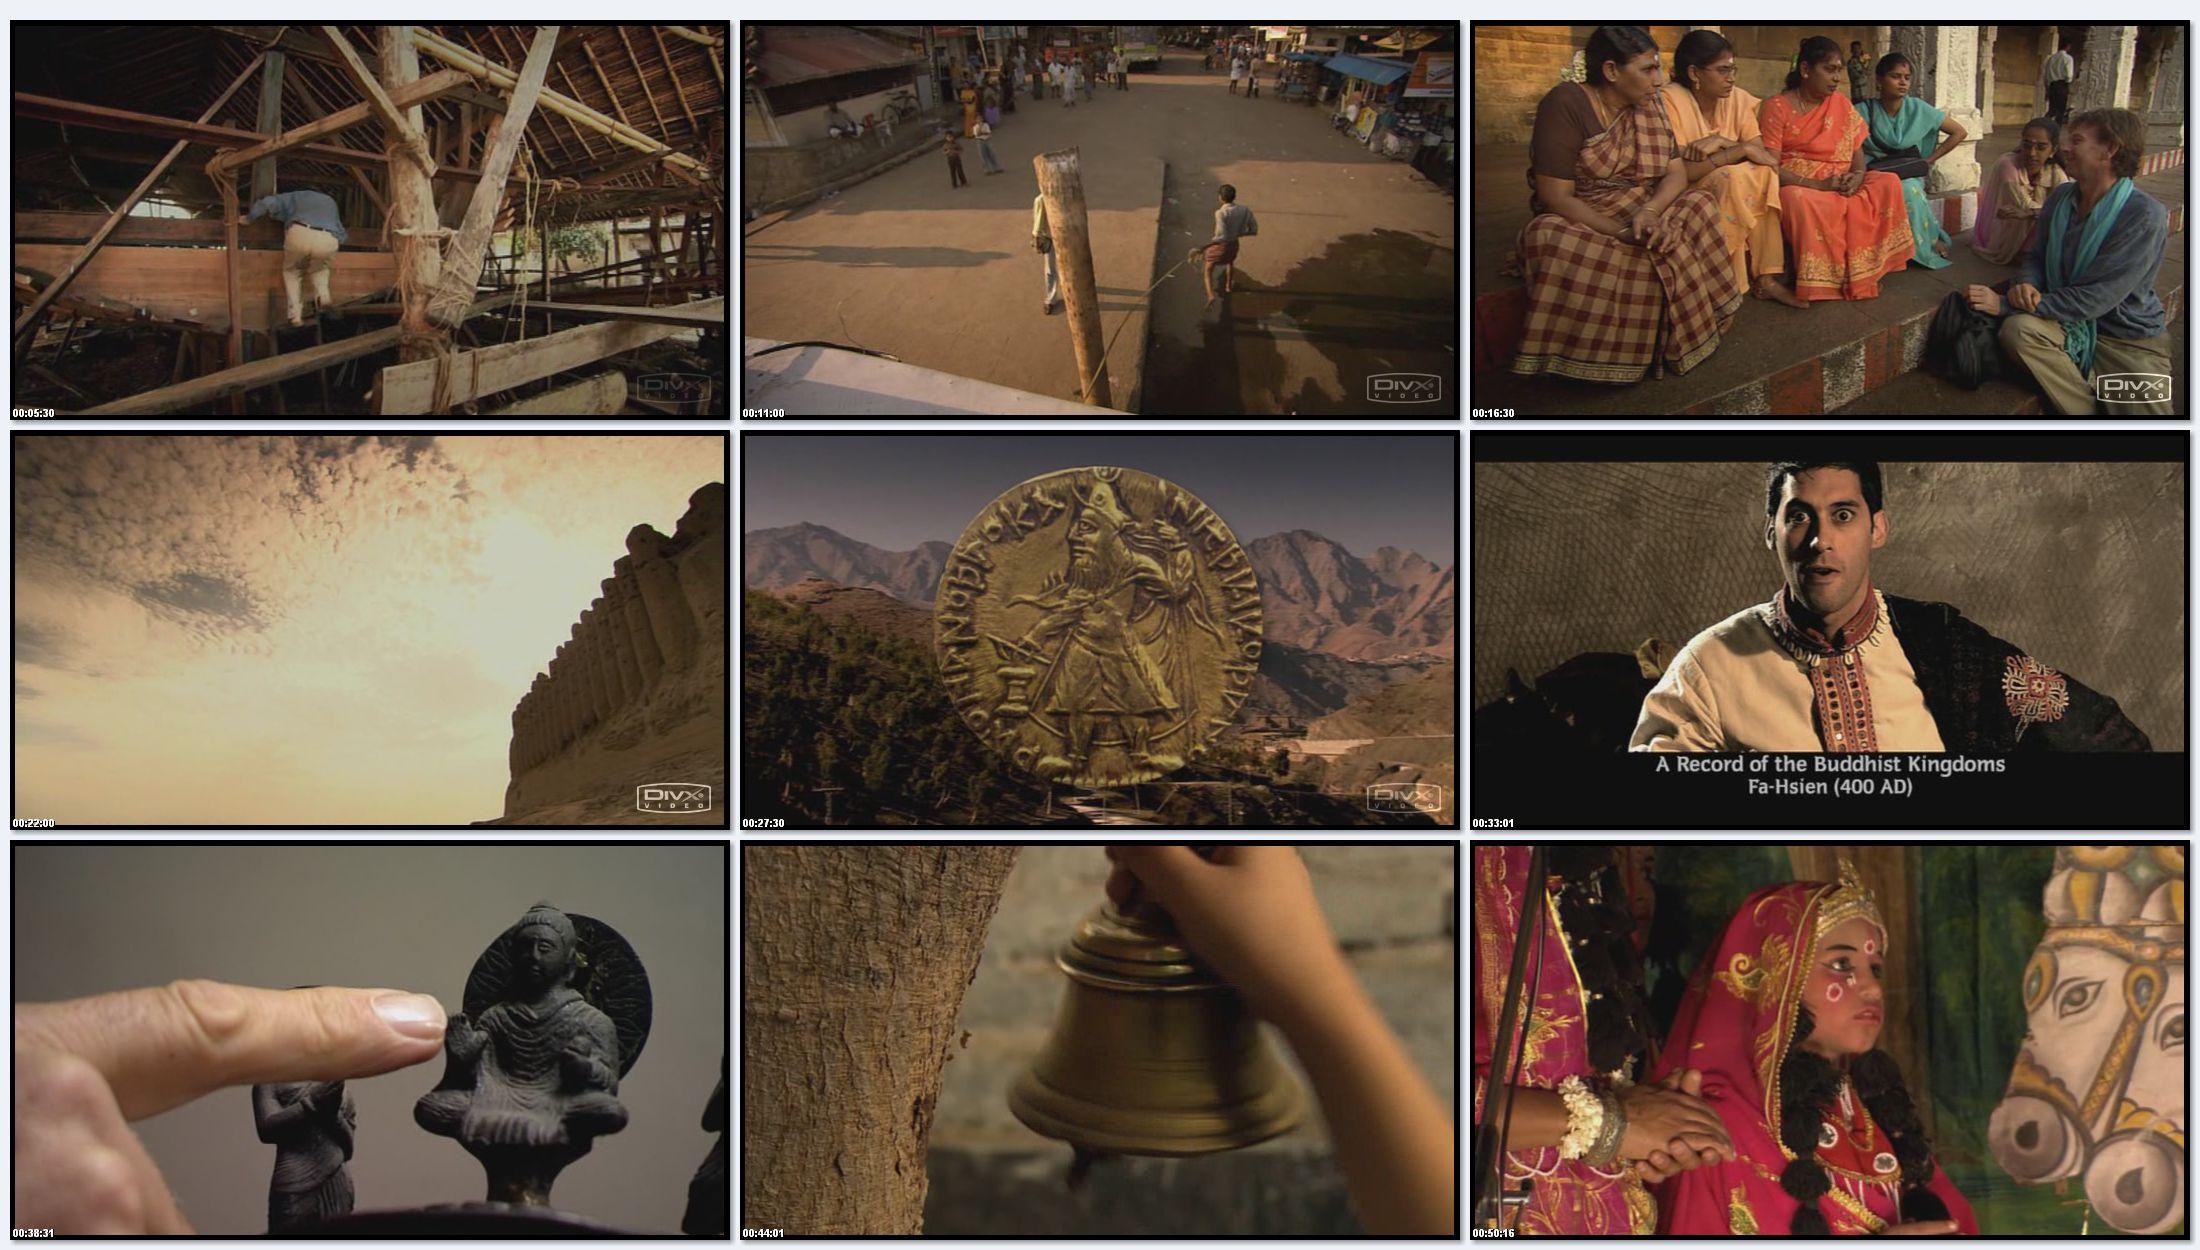 ВВС: Индия с Майклом Вудом. Путь пряностей и Великий шелковый путь (фильм 3)